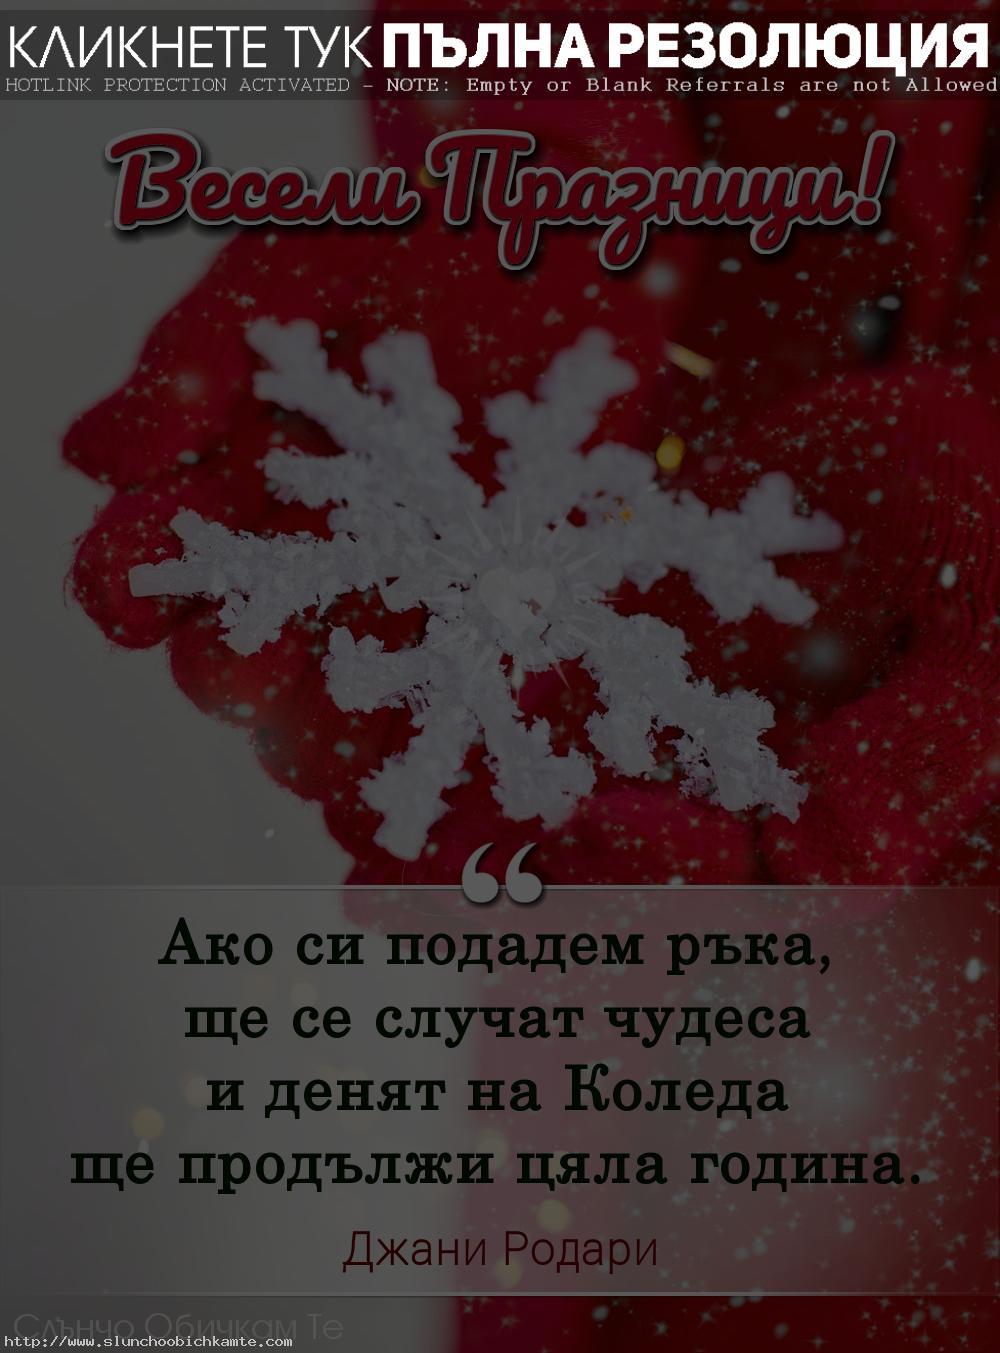 Ако си подадем ръка ще се случат чудеса - Весели празници, Весела Коледа, коледни картички, коледни пожелания с цитат на Джани Родари